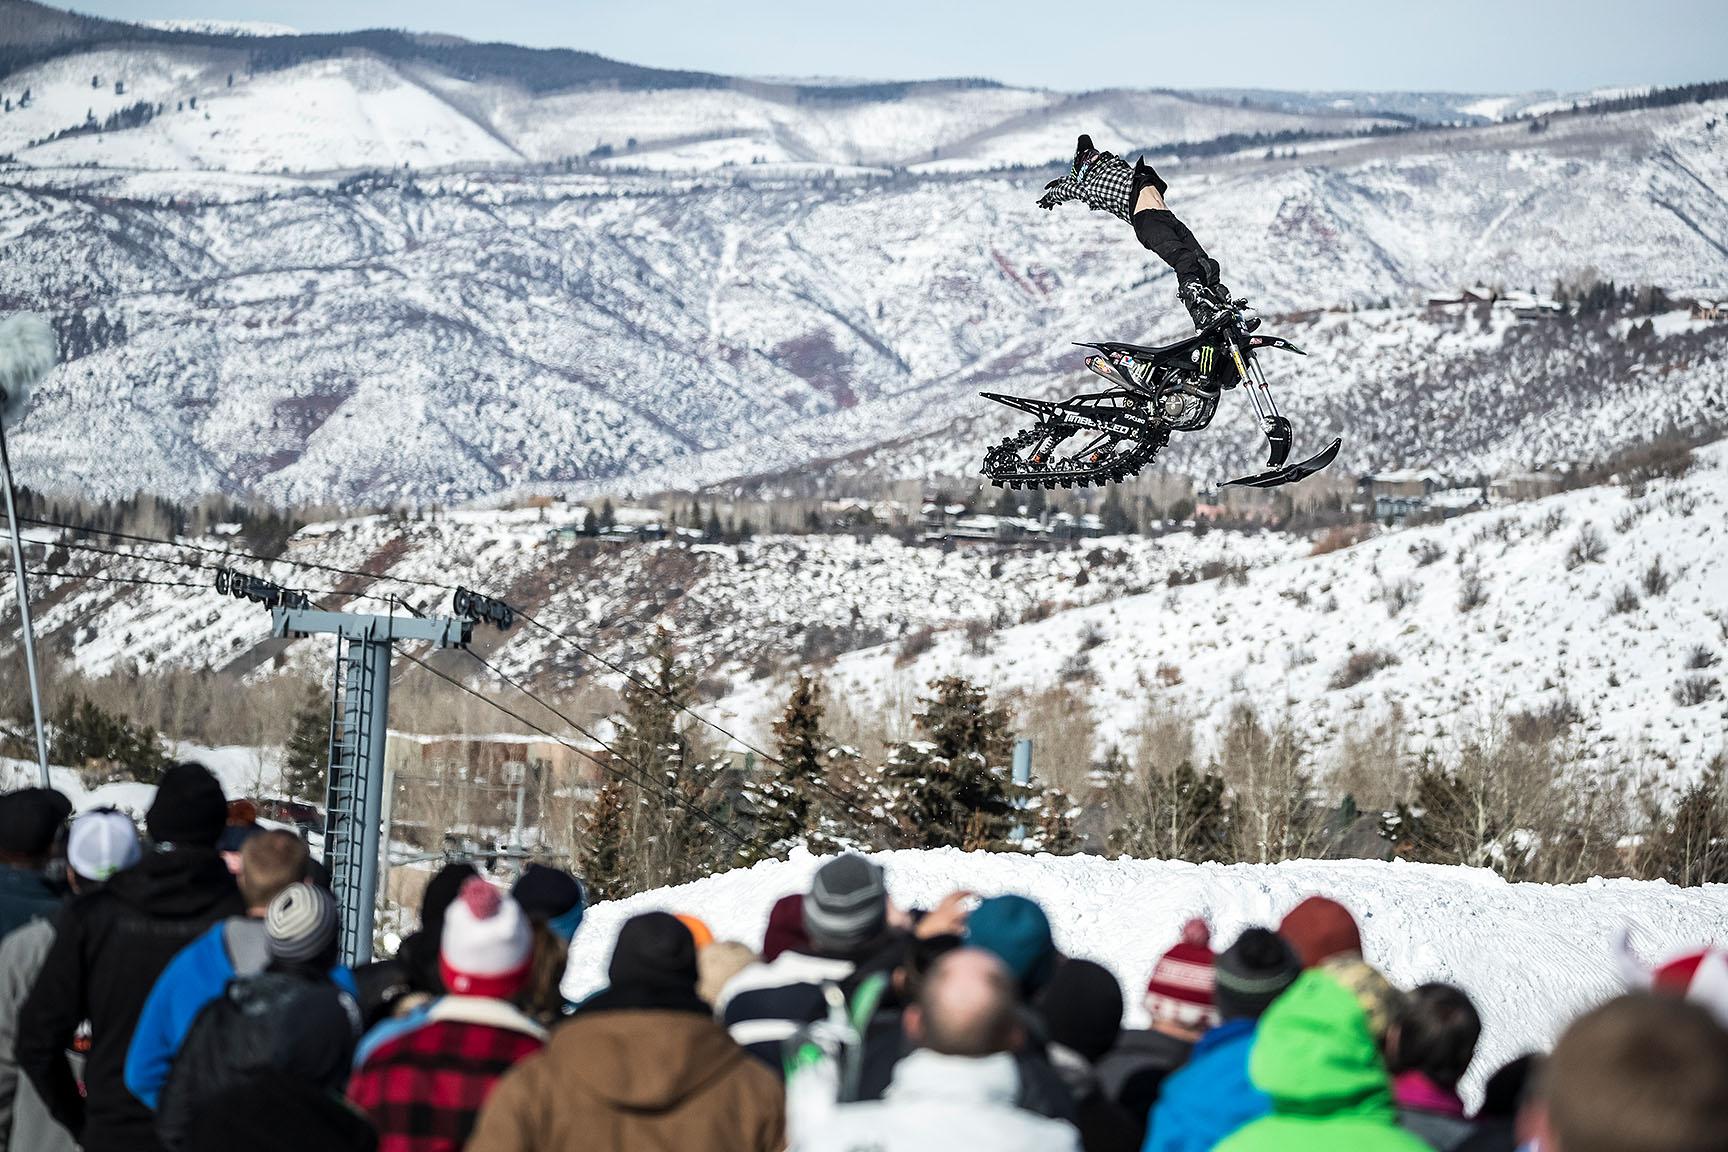 Jacko Strong, Snow Bike demo